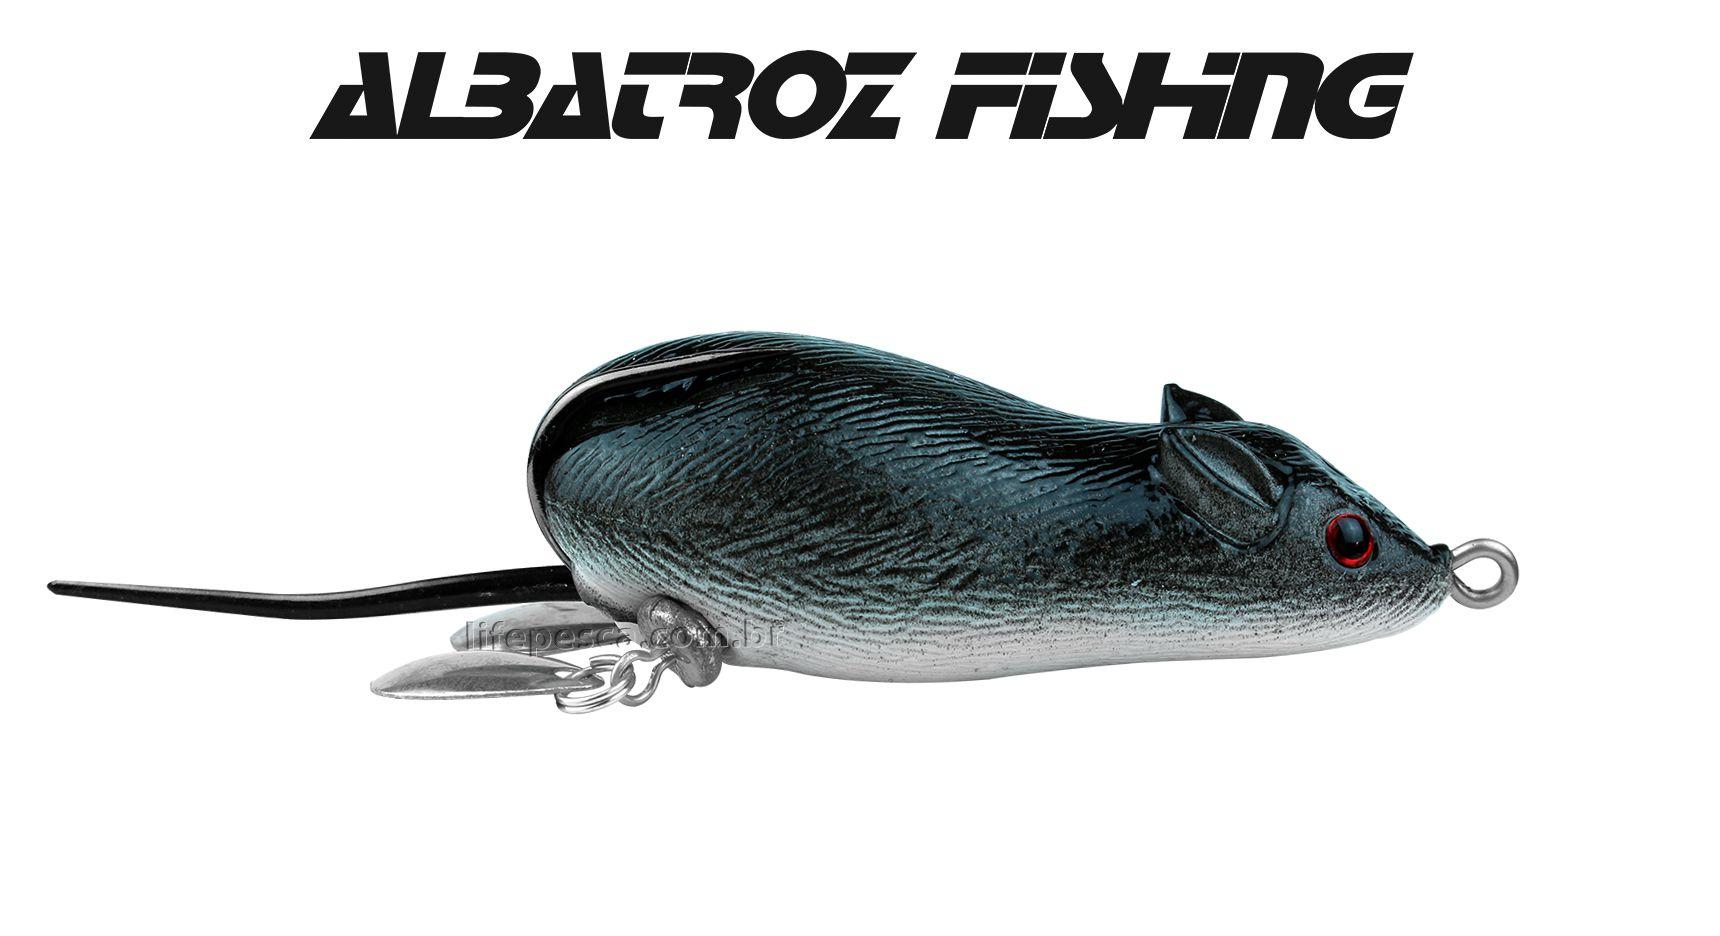 Isca Artificial Albatroz Fishing Top Mouse XY-19 - 6,5cm (20g) - Várias Cores  - Life Pesca - Sua loja de Pesca, Camping e Lazer